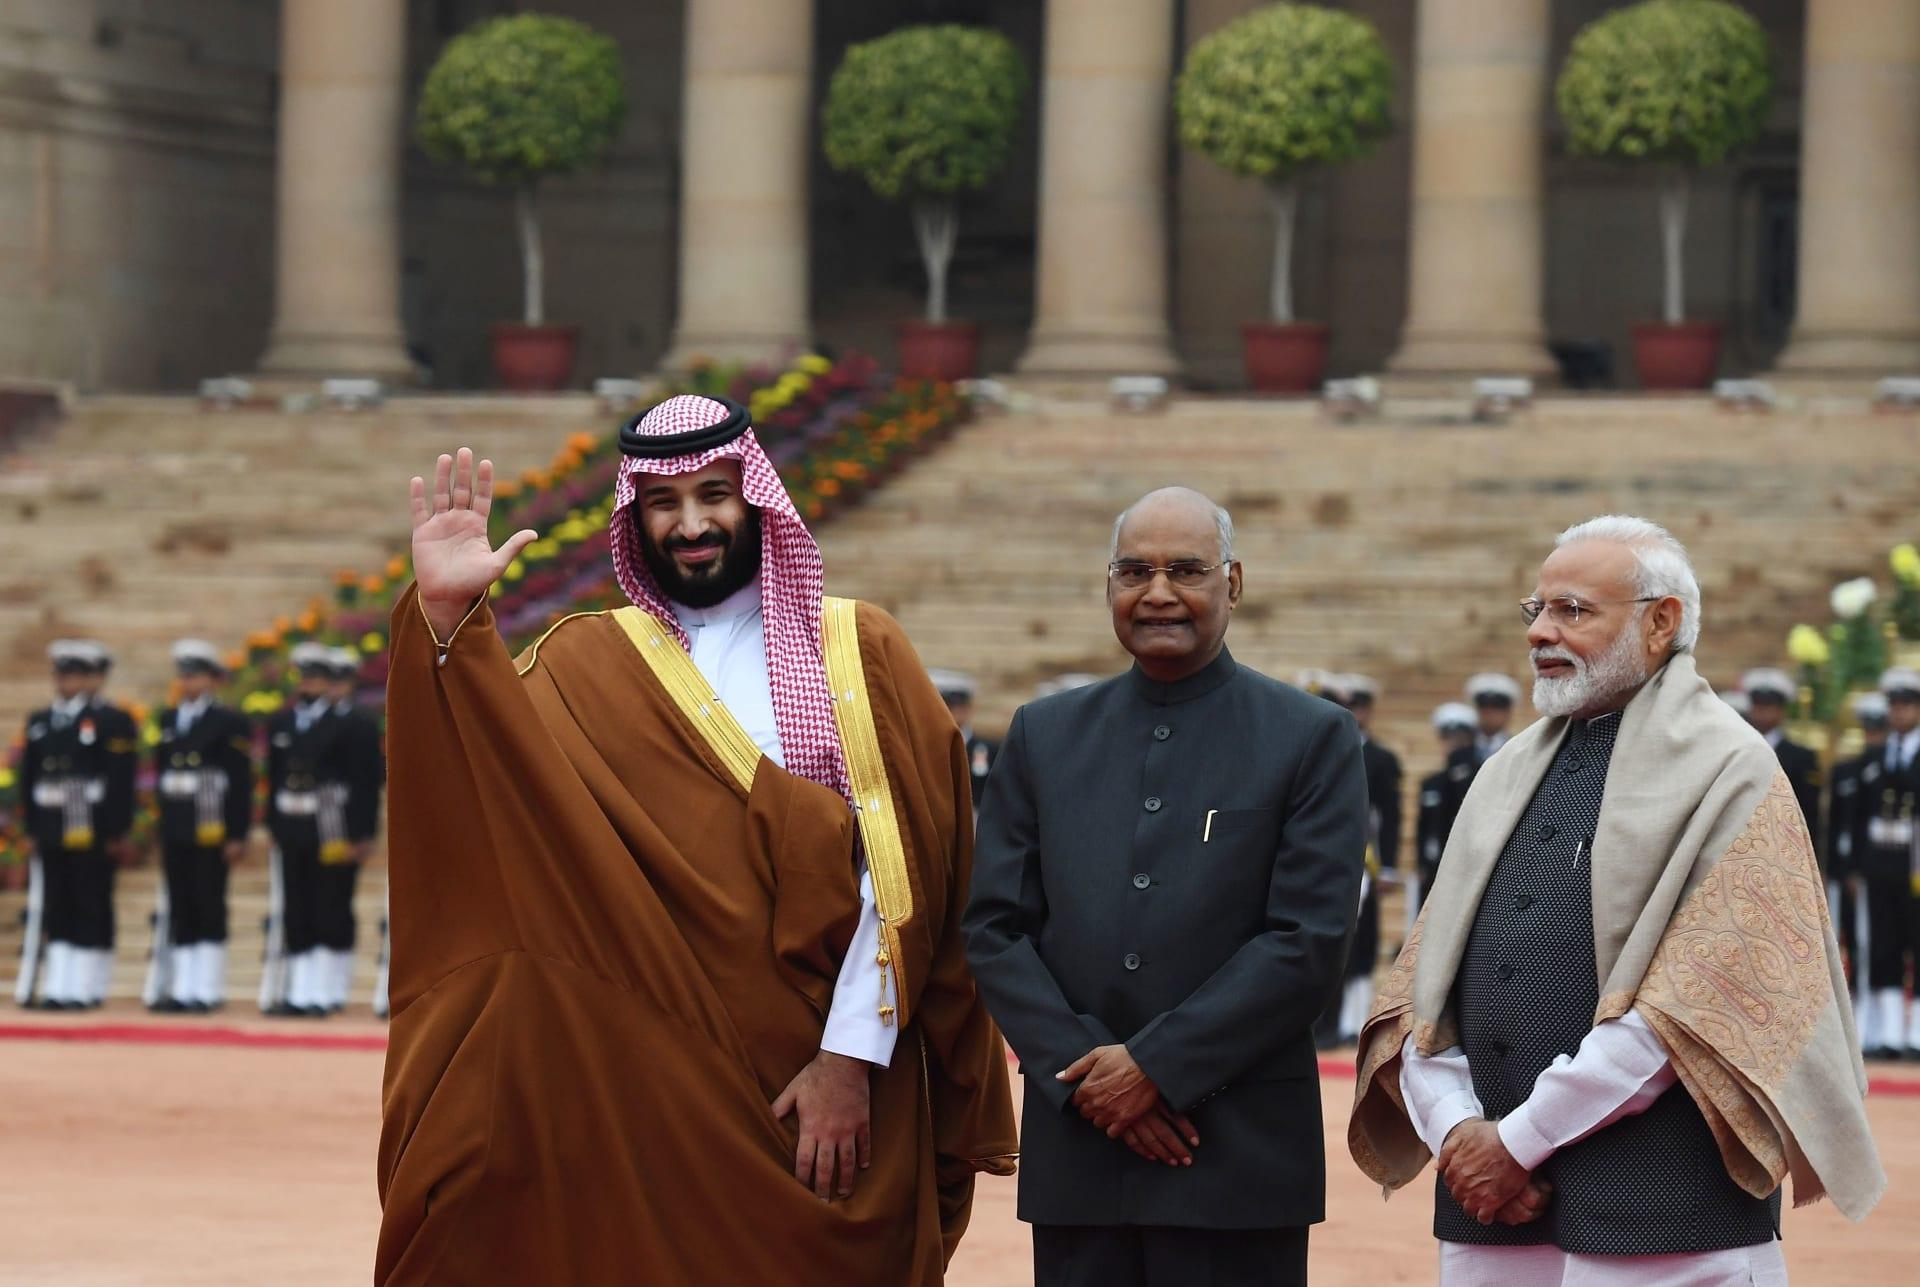 بعد أزمة خاشقجي.. السعودية تدعم تحولها الاقتصادي بالإتجاه إلى آسيا